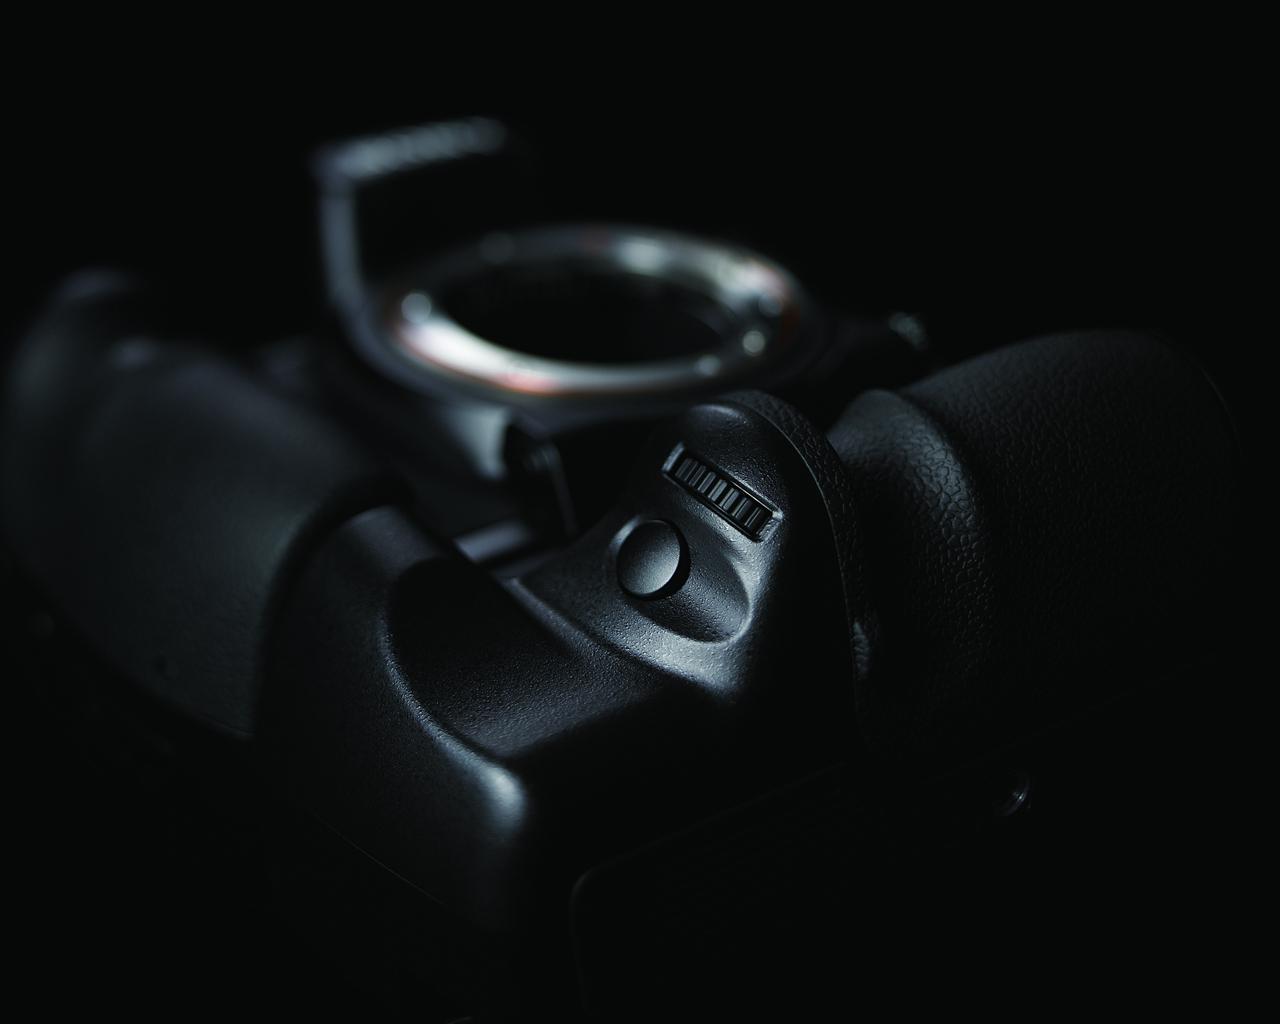 全画幅、高像素数的索尼900不论与索尼自己以往的产品相比,还是和市场上的竞争对手PK,都具有相当多出色的卖点。但是很多优点很难用文字和图片直接描述和表达,比如100%幅面、超高亮度的取景器,或者手感出色、操控容易的机身设计。不论如何,作为一台索尼旗舰级的数码单反相机,它的最终目的还是拍摄照片,所以用照片能直接表现的优势还是有不少的。   下面我们从本次试用活动中的一些样片来展示一下900的功力[详细]